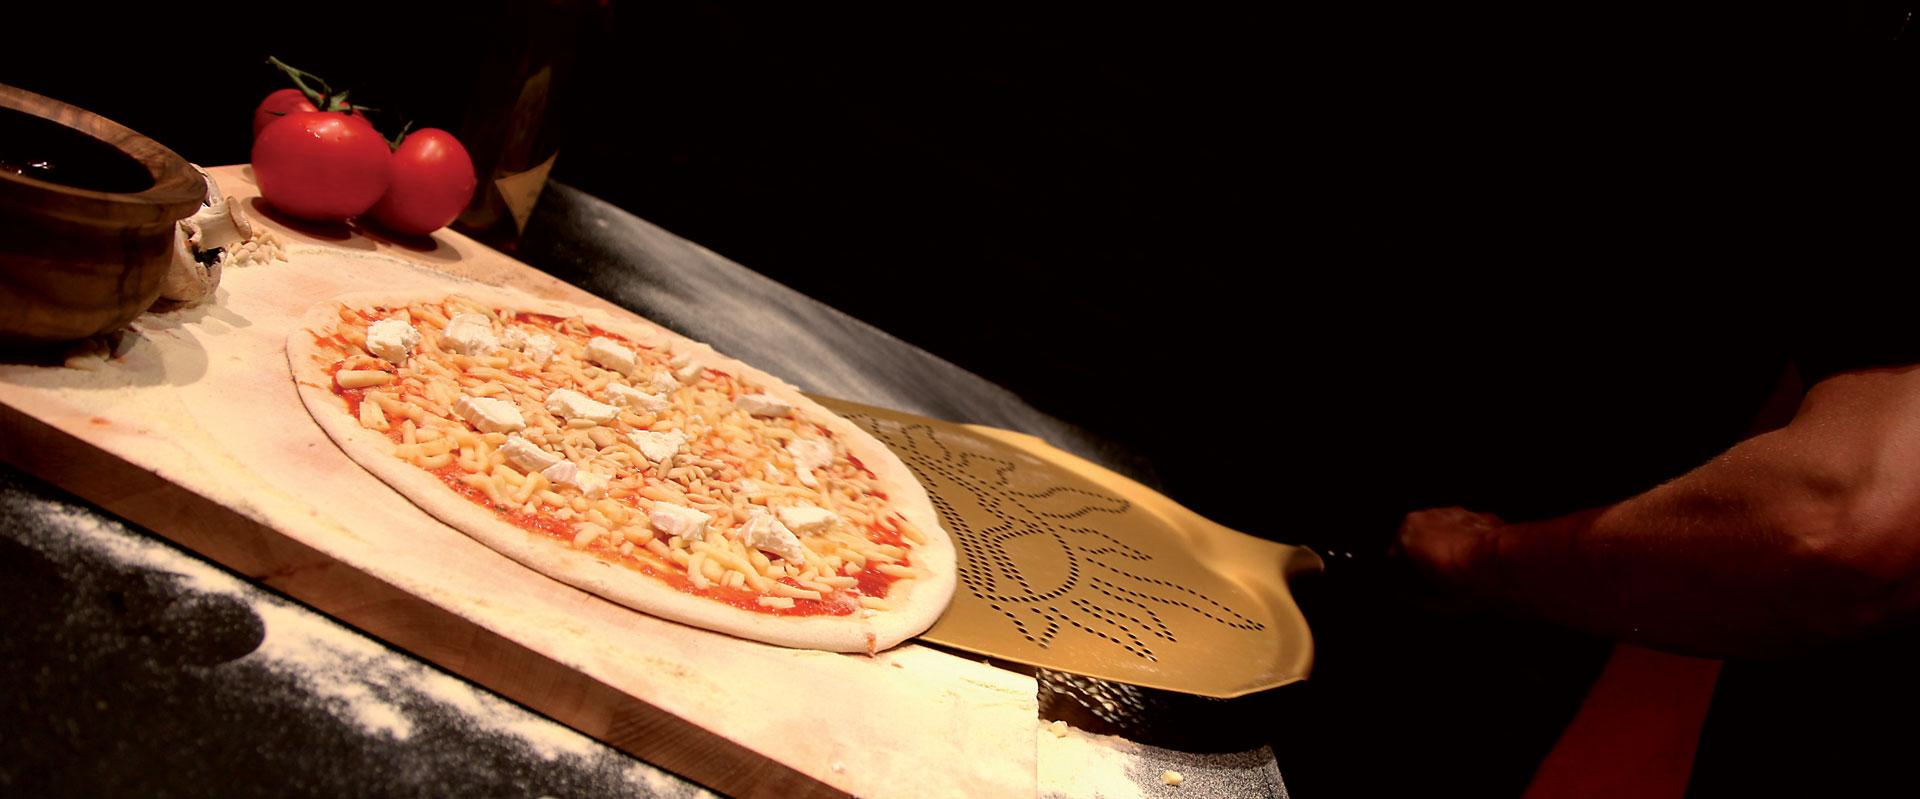 livraison-pizza-villeneuve-loubet